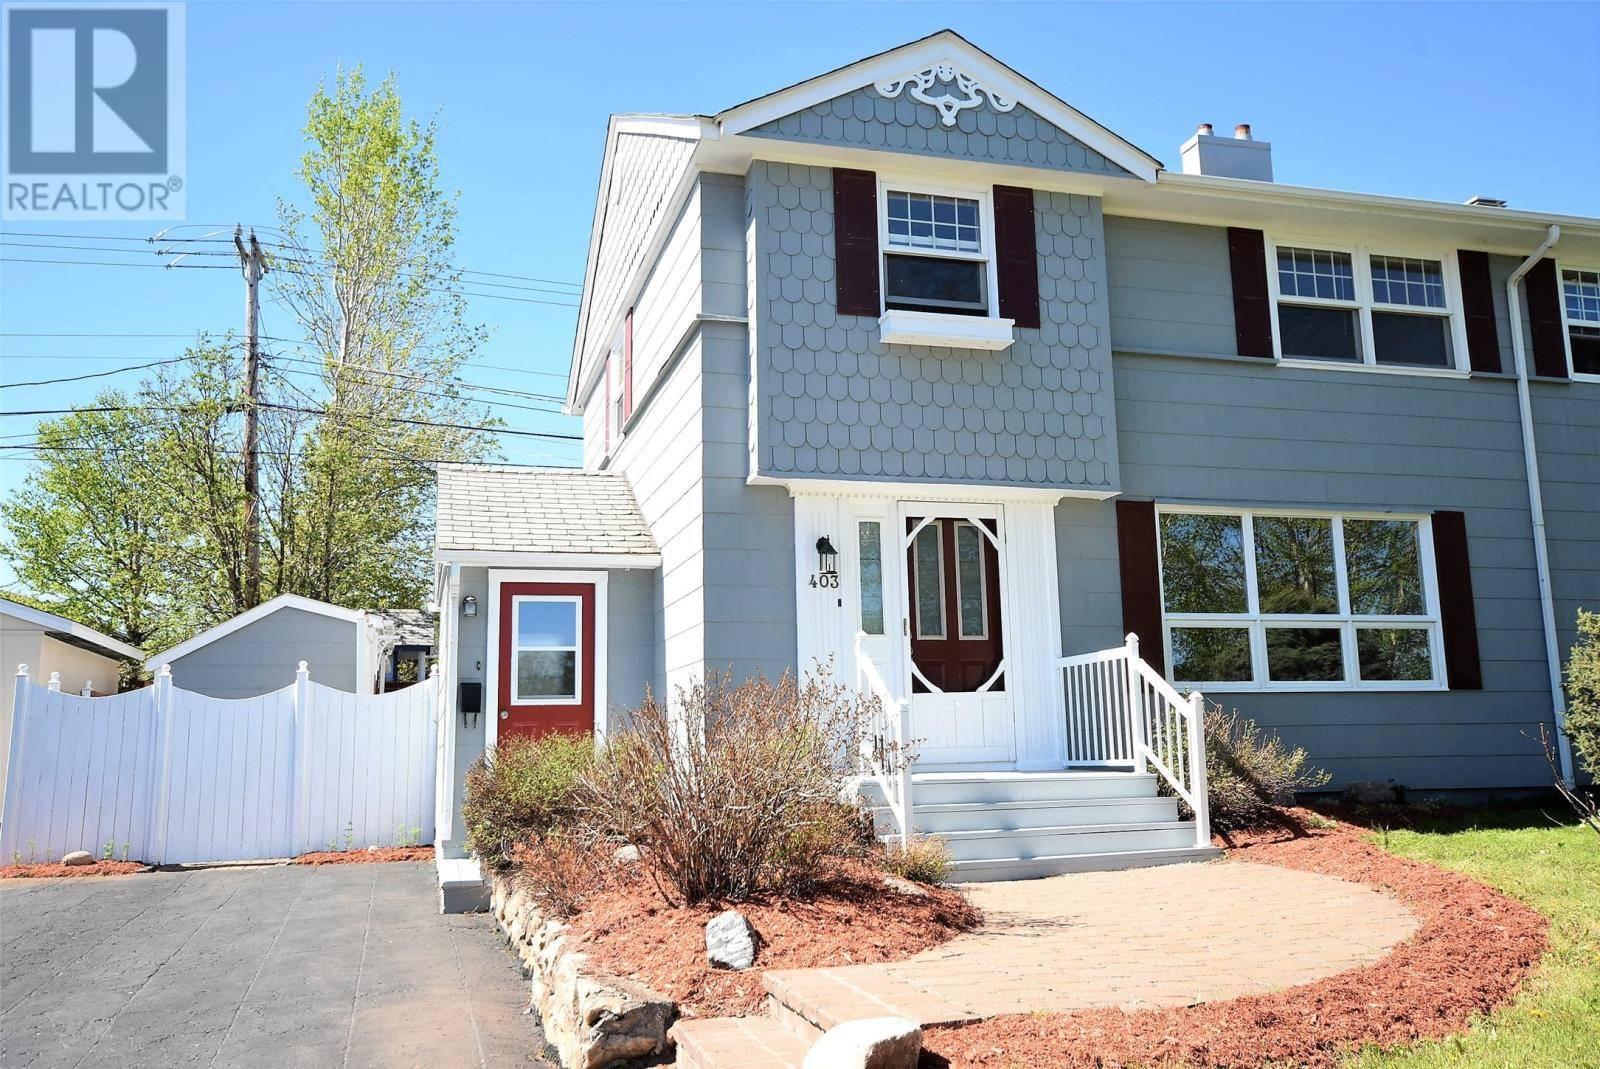 House for sale at 403 Osbourne St Labrador City Newfoundland - MLS: 1193804